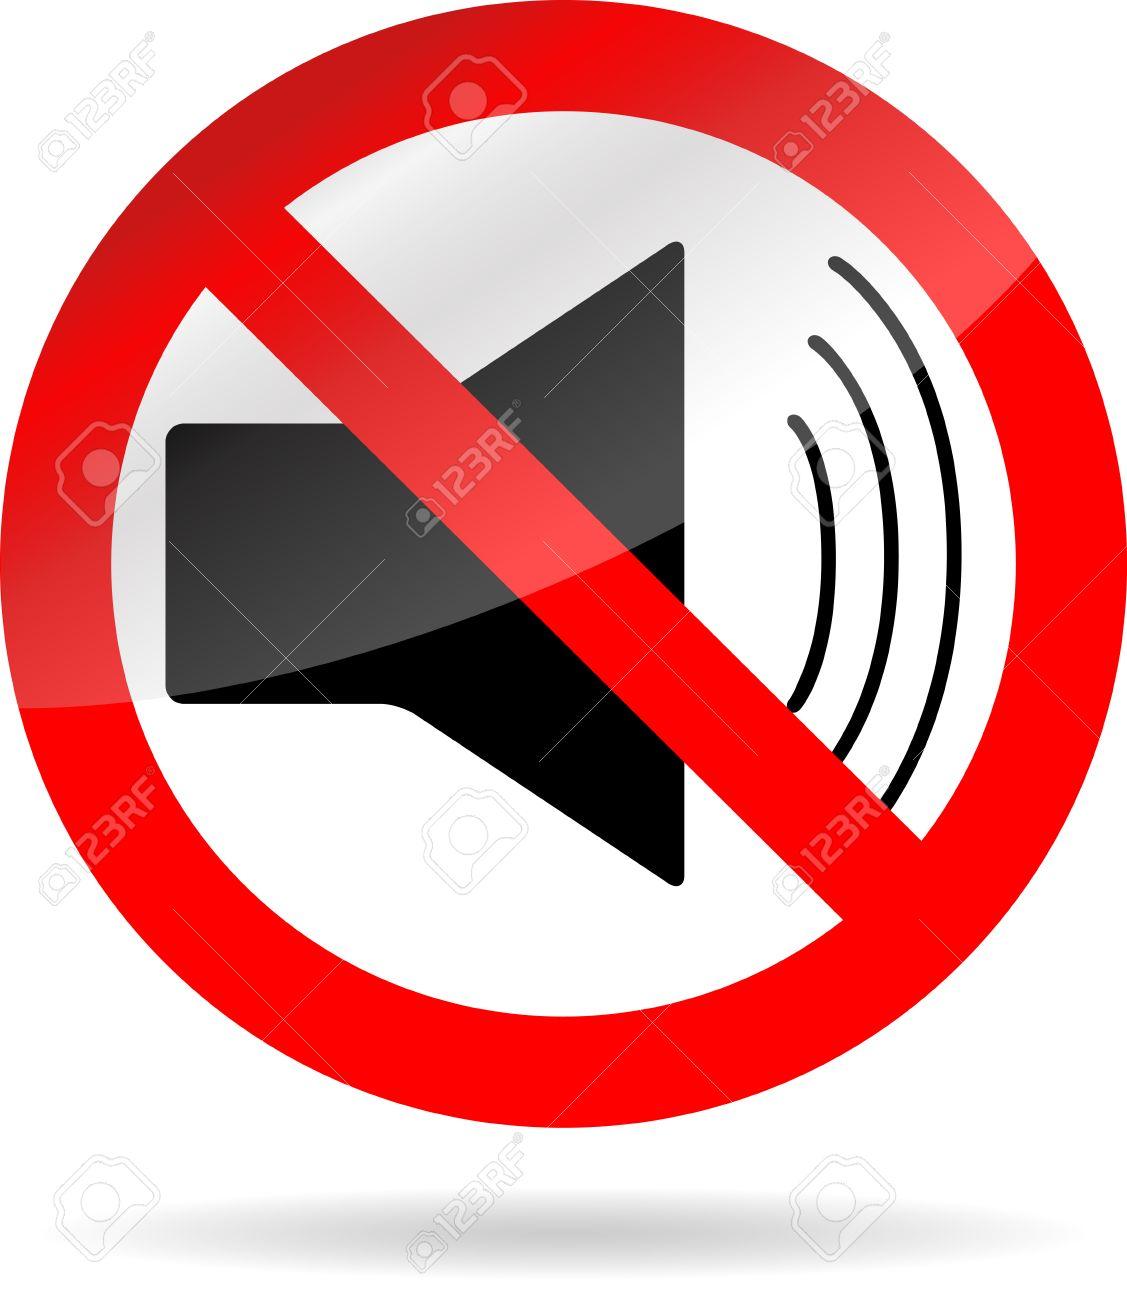 Regístrate Icono De Sonido Prohibición. No De Volumen, Sonido ...